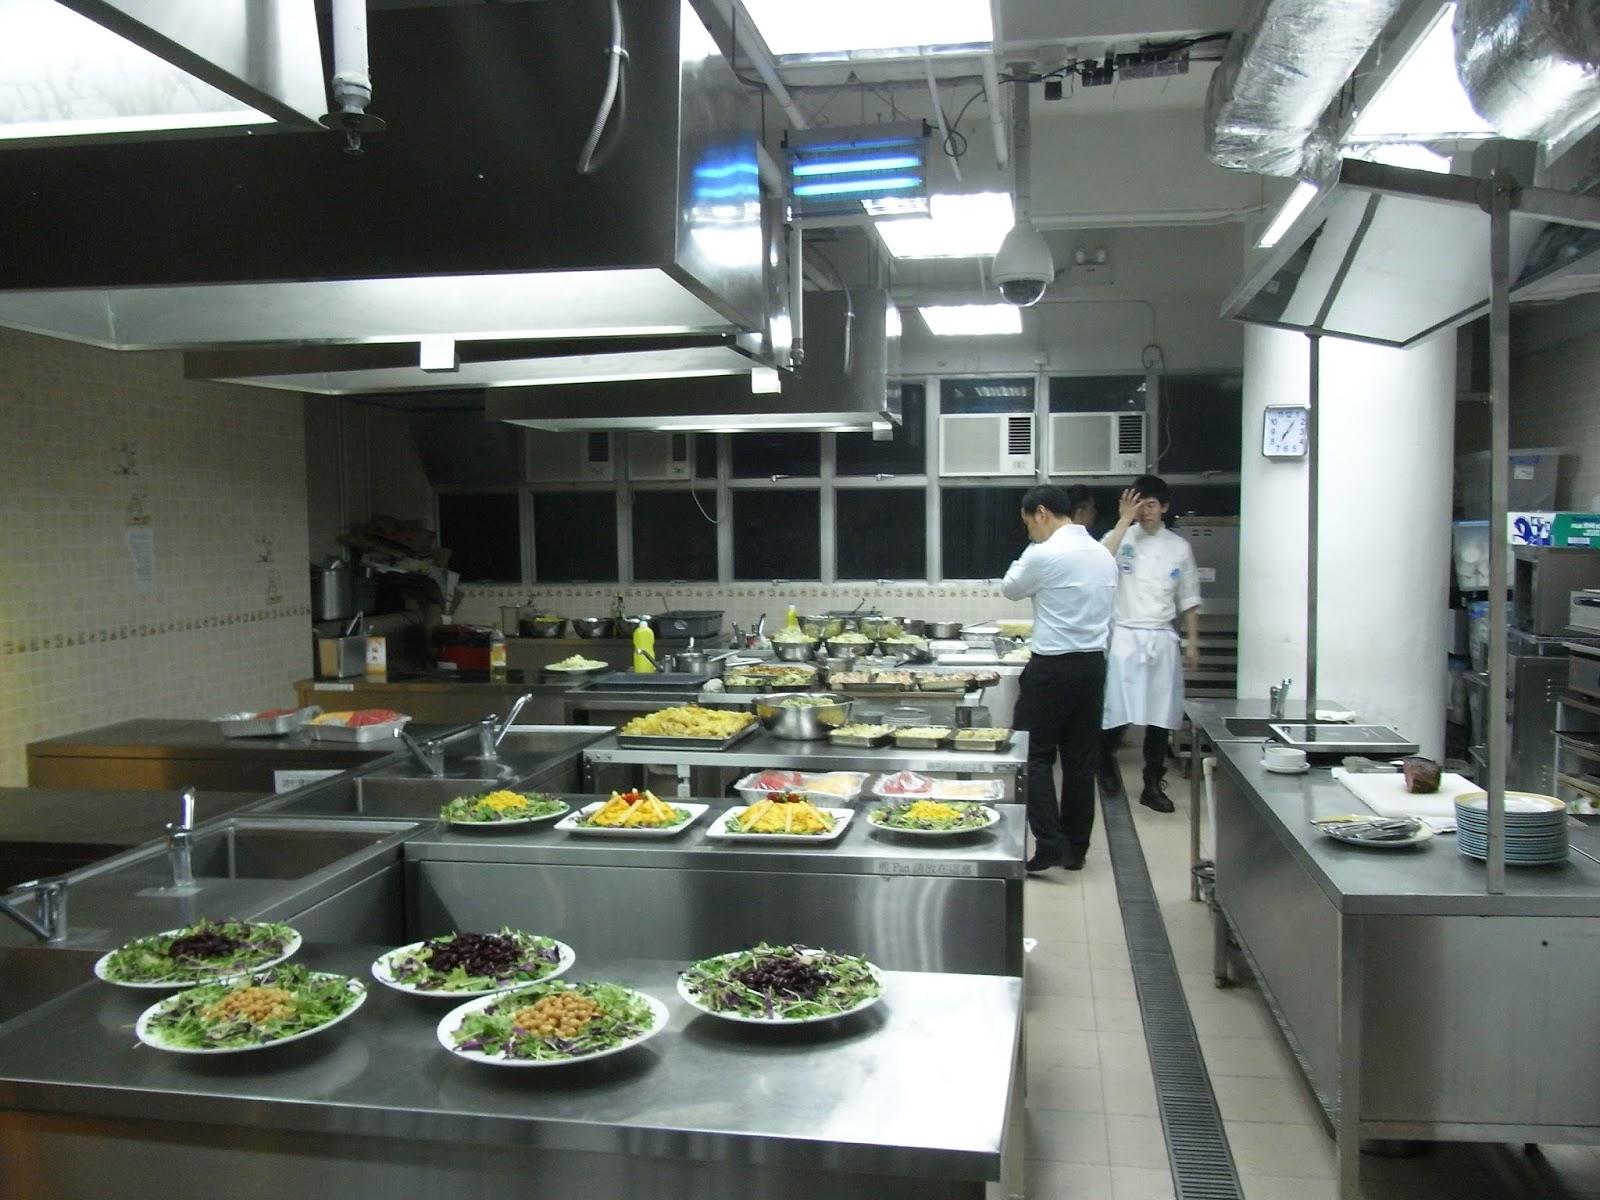 Blog culinario rd factores de riesgo de intoxicaciones en for Ubicacion de cocina